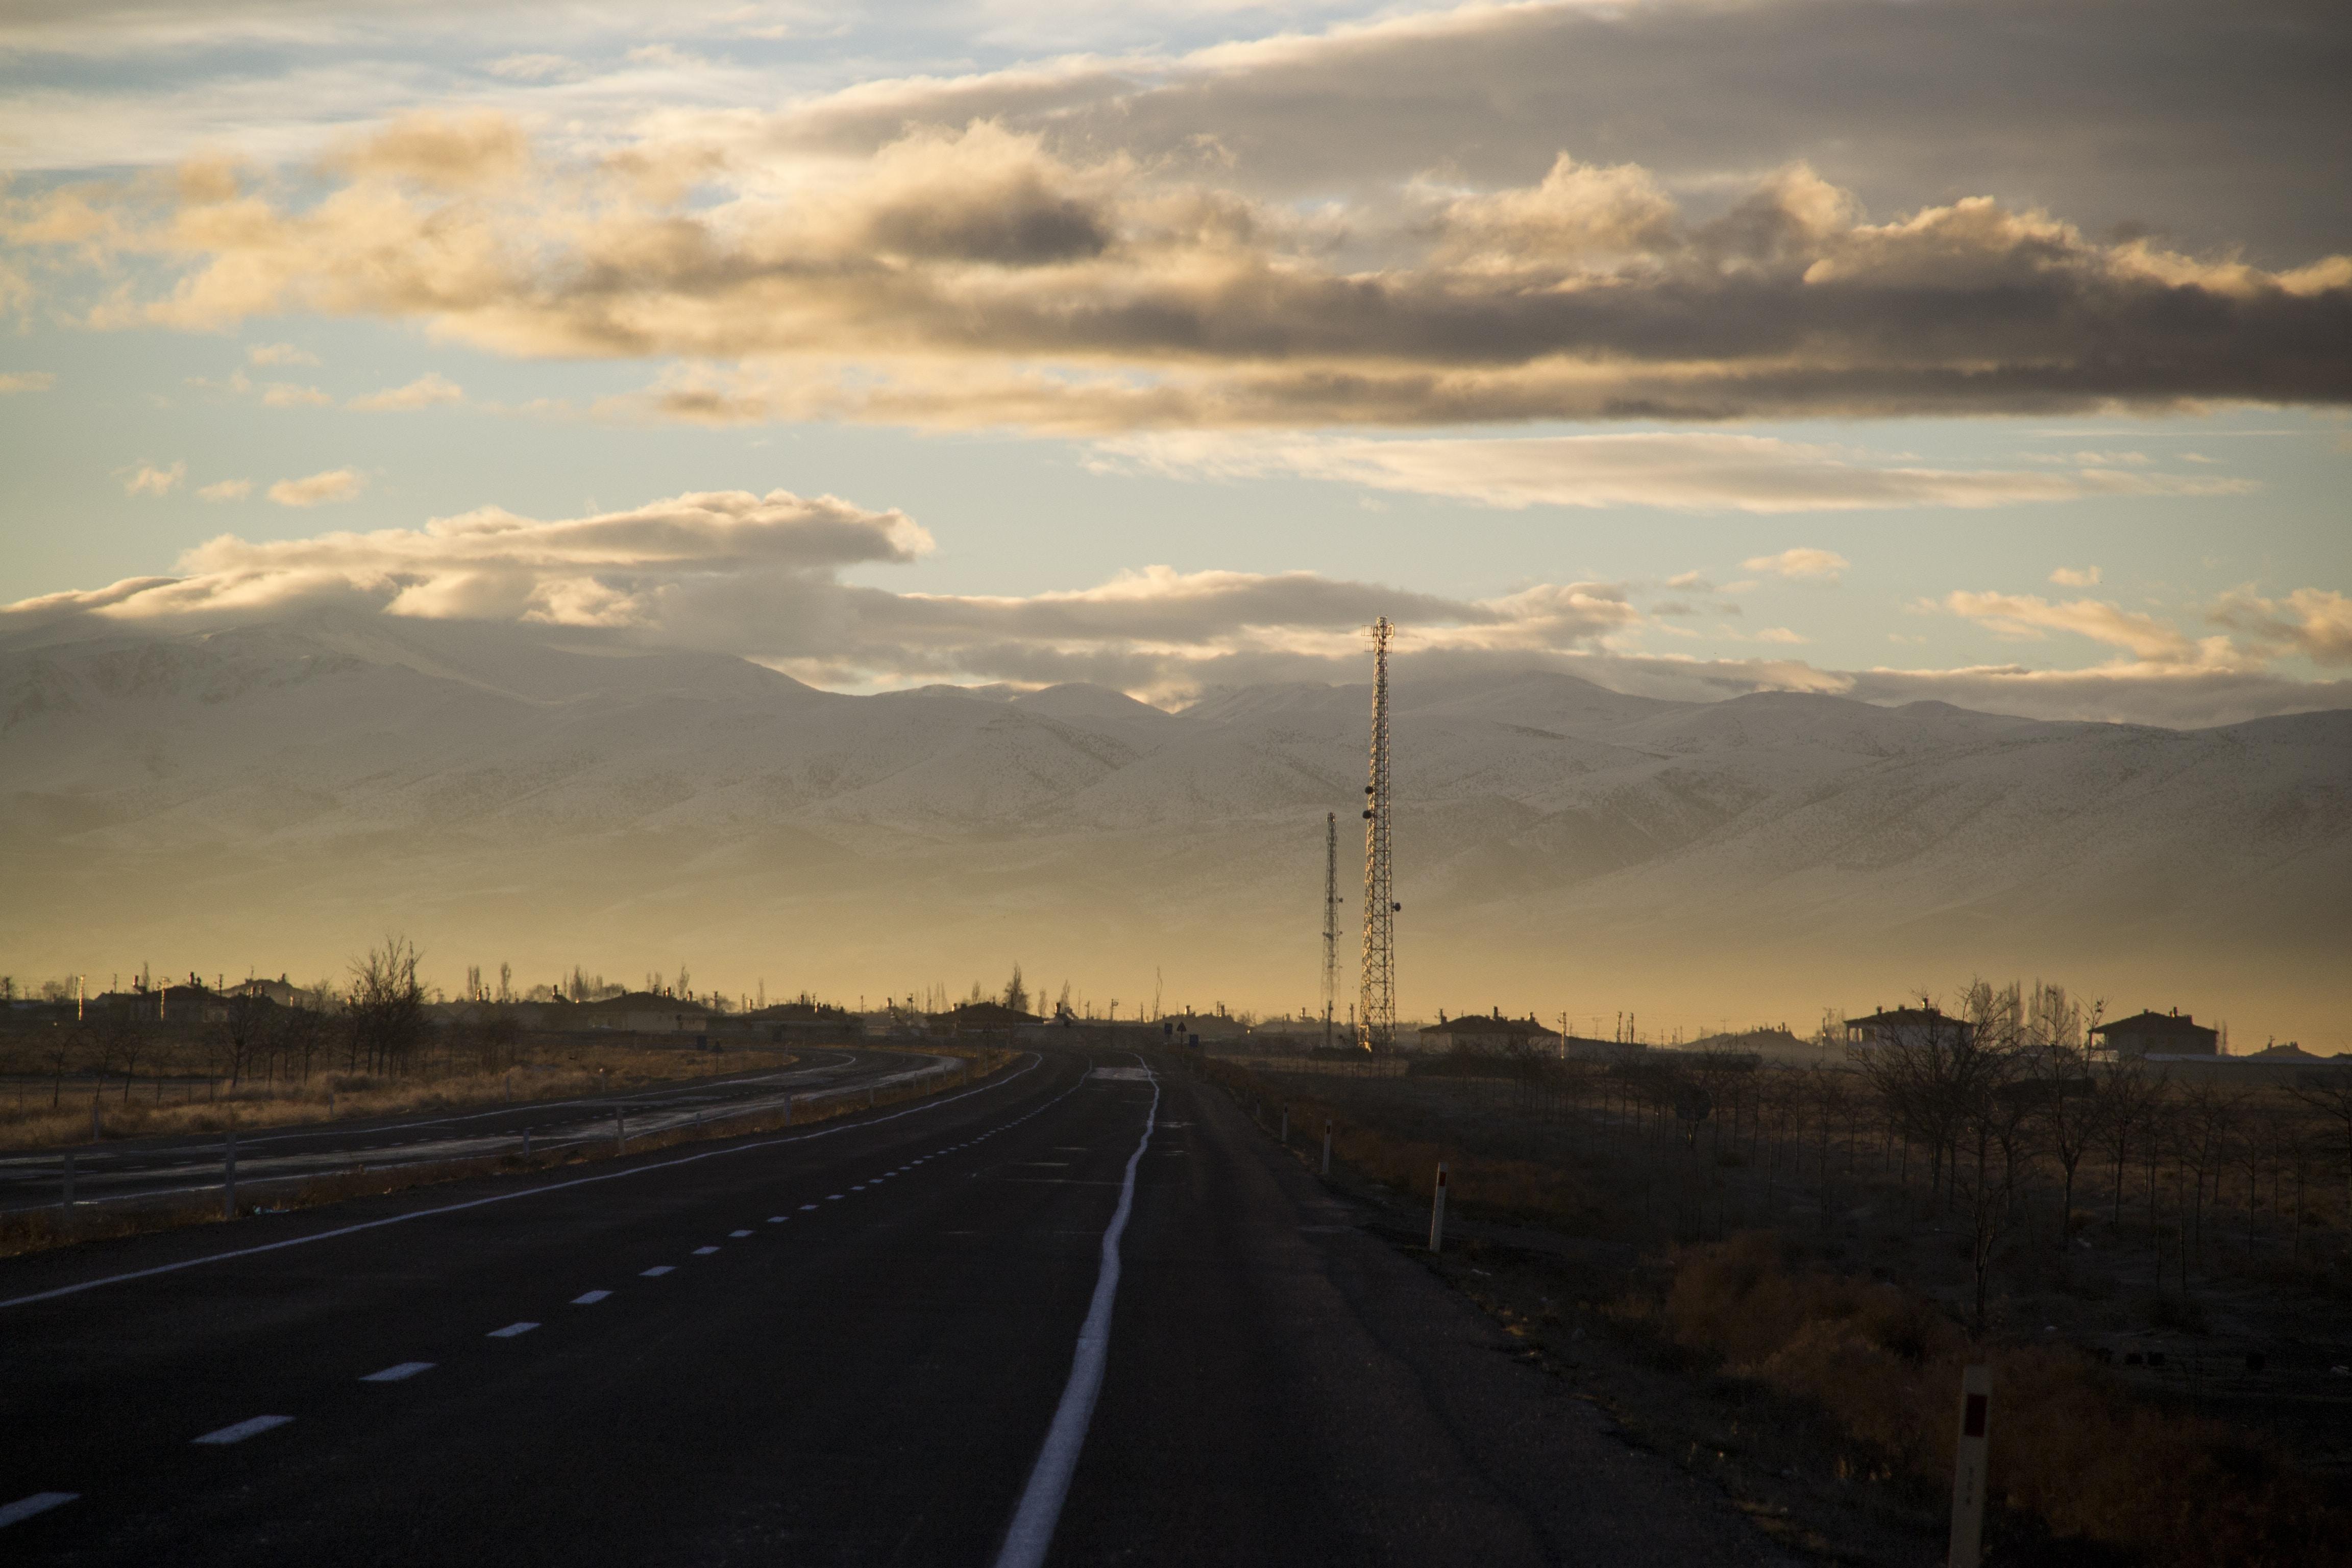 winding road under cumulus clouds